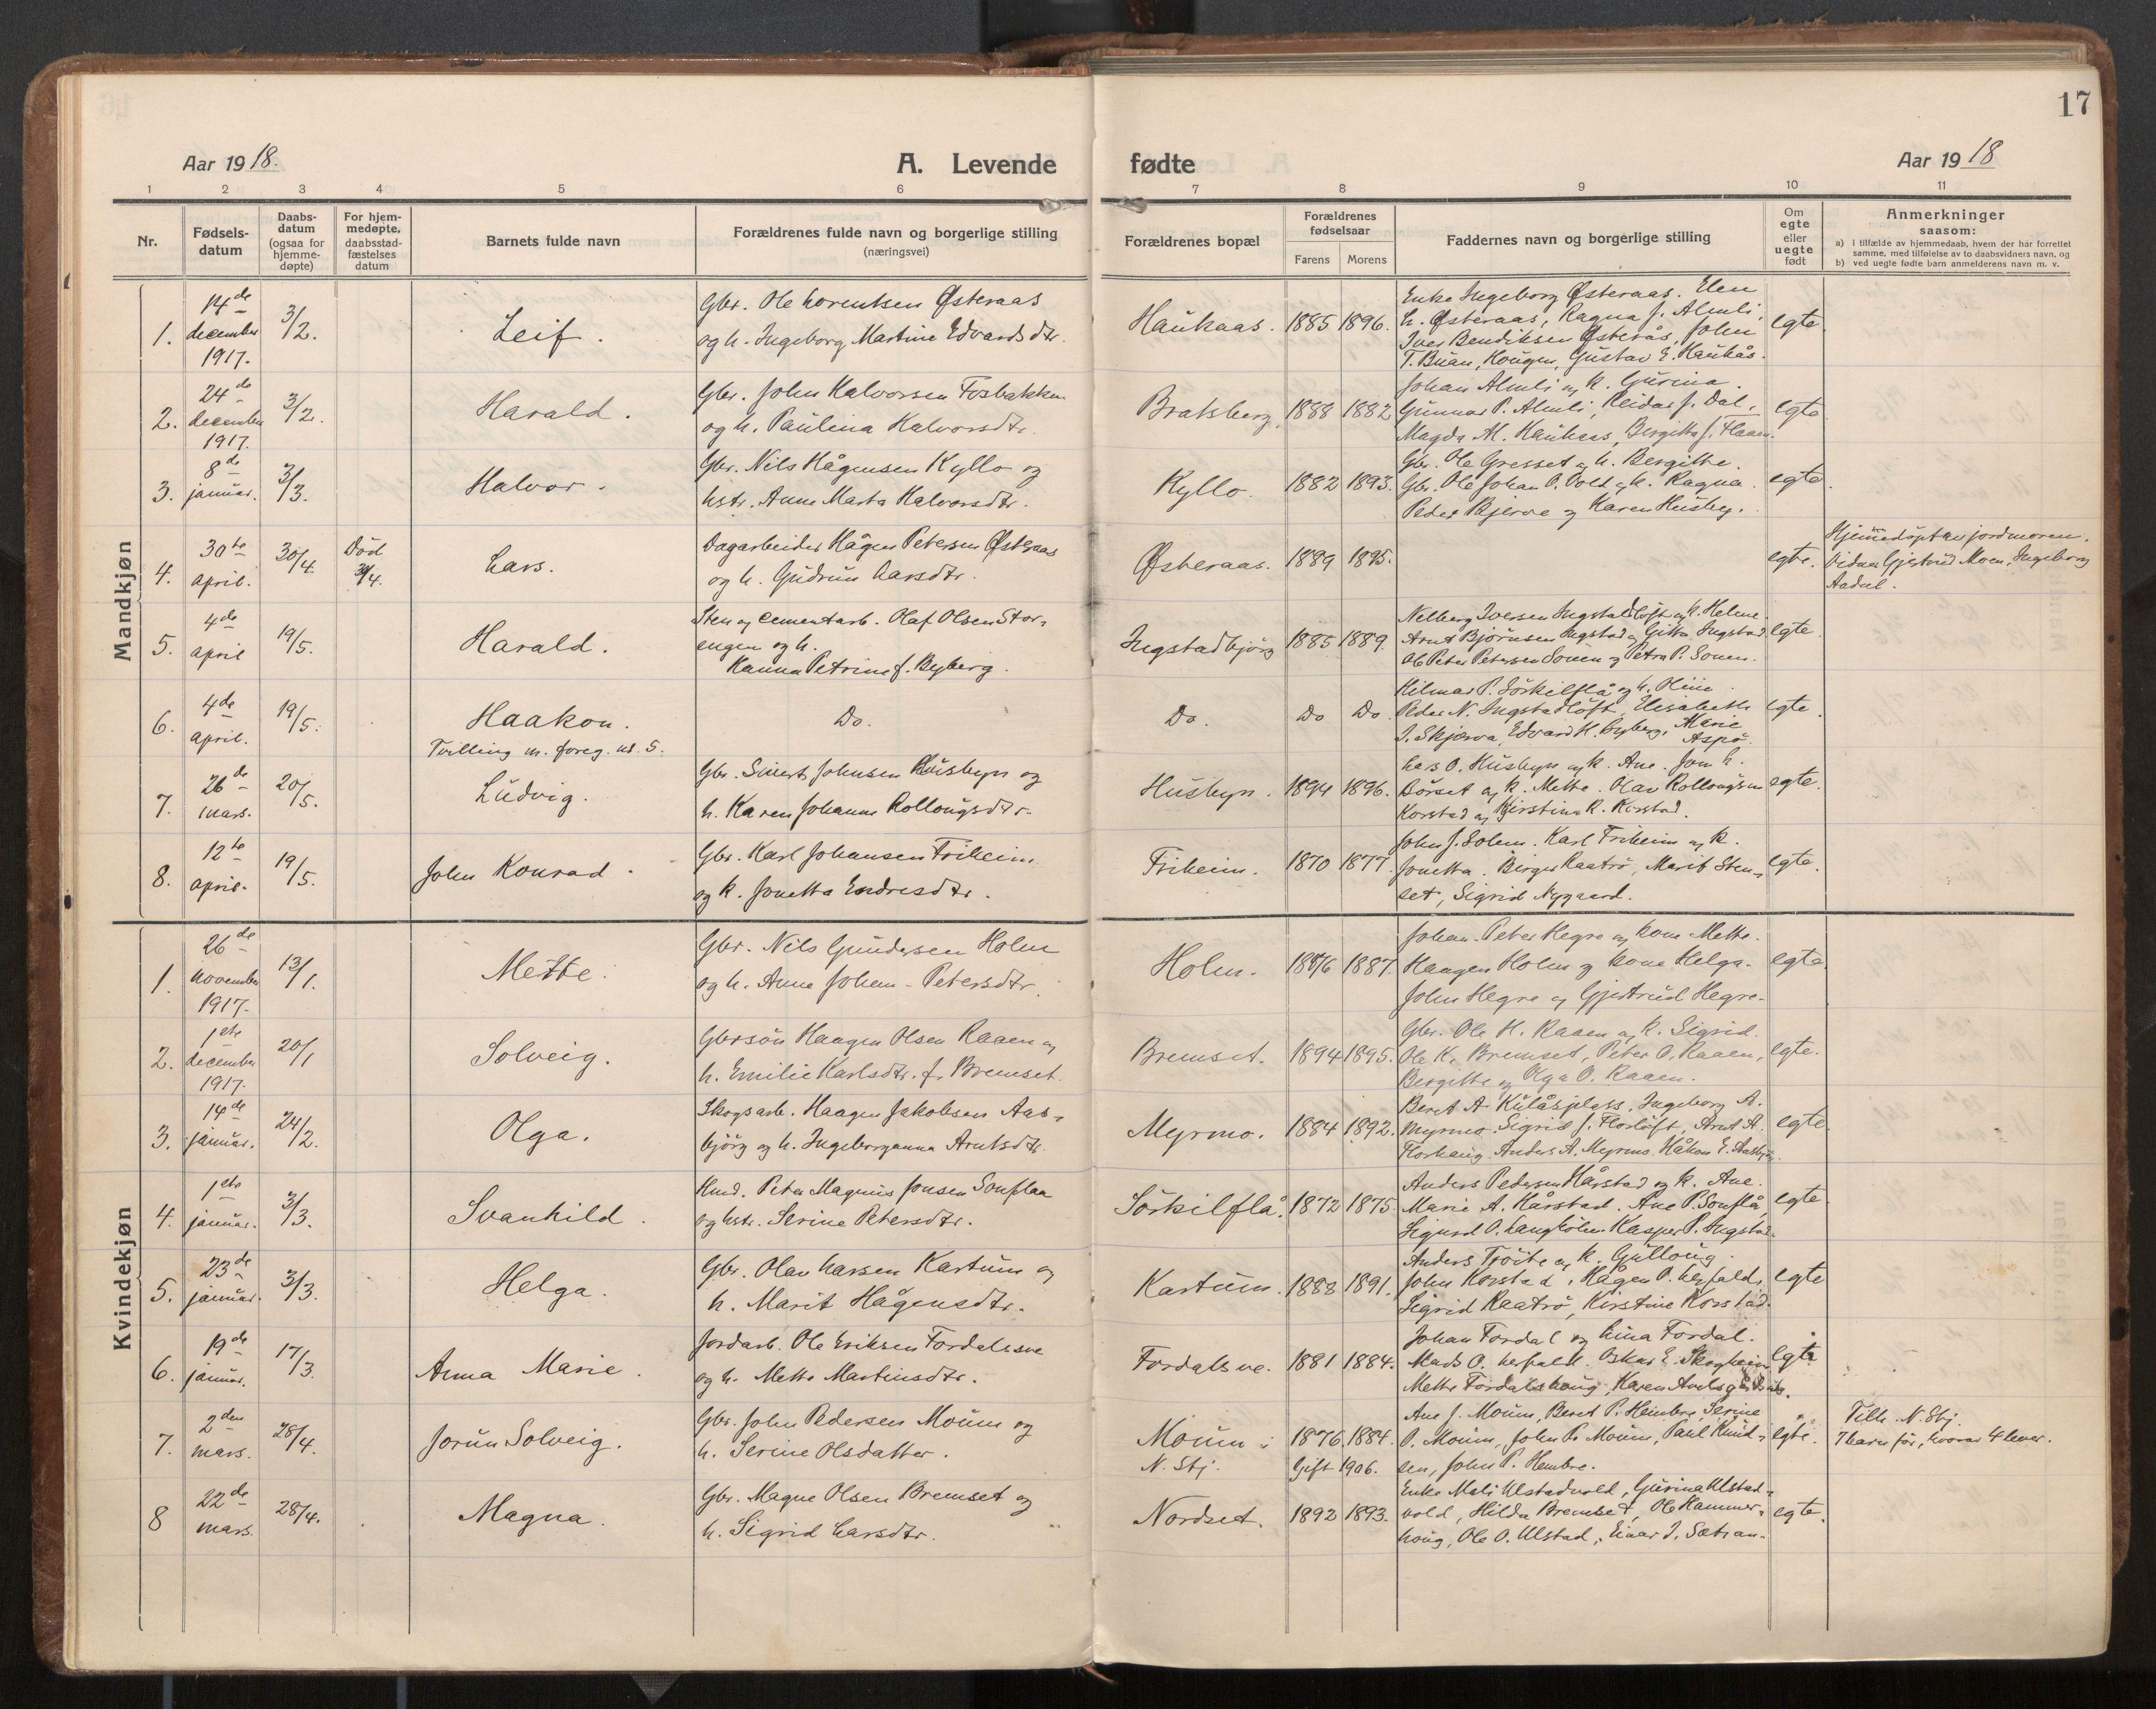 SAT, Ministerialprotokoller, klokkerbøker og fødselsregistre - Nord-Trøndelag, 703/L0037: Parish register (official) no. 703A10, 1915-1932, p. 17